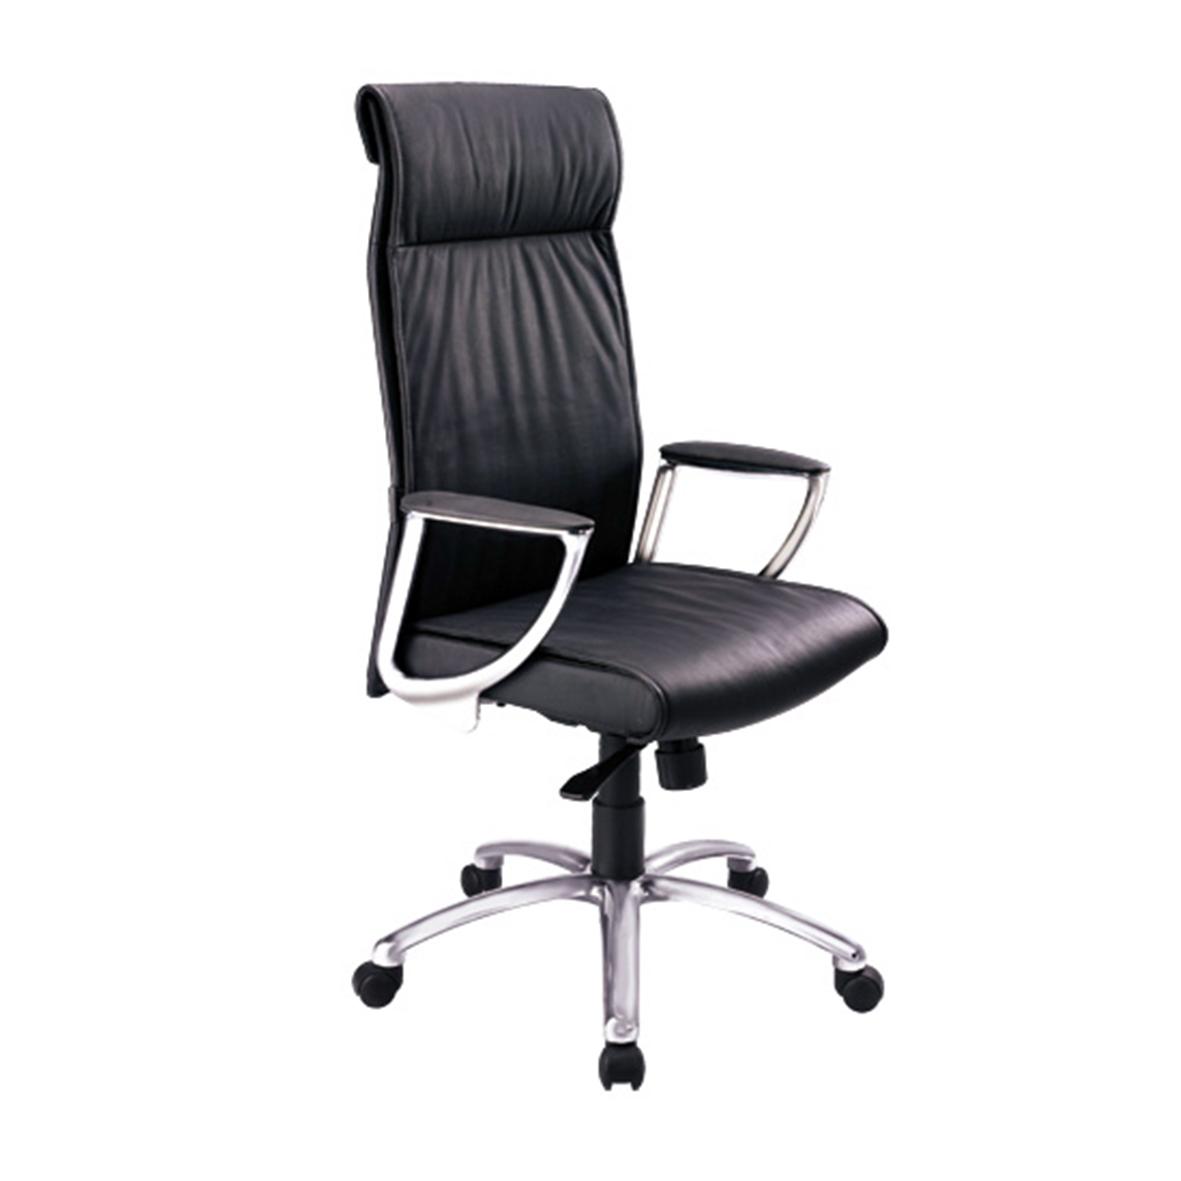 Uplan Kato Chair.jpg